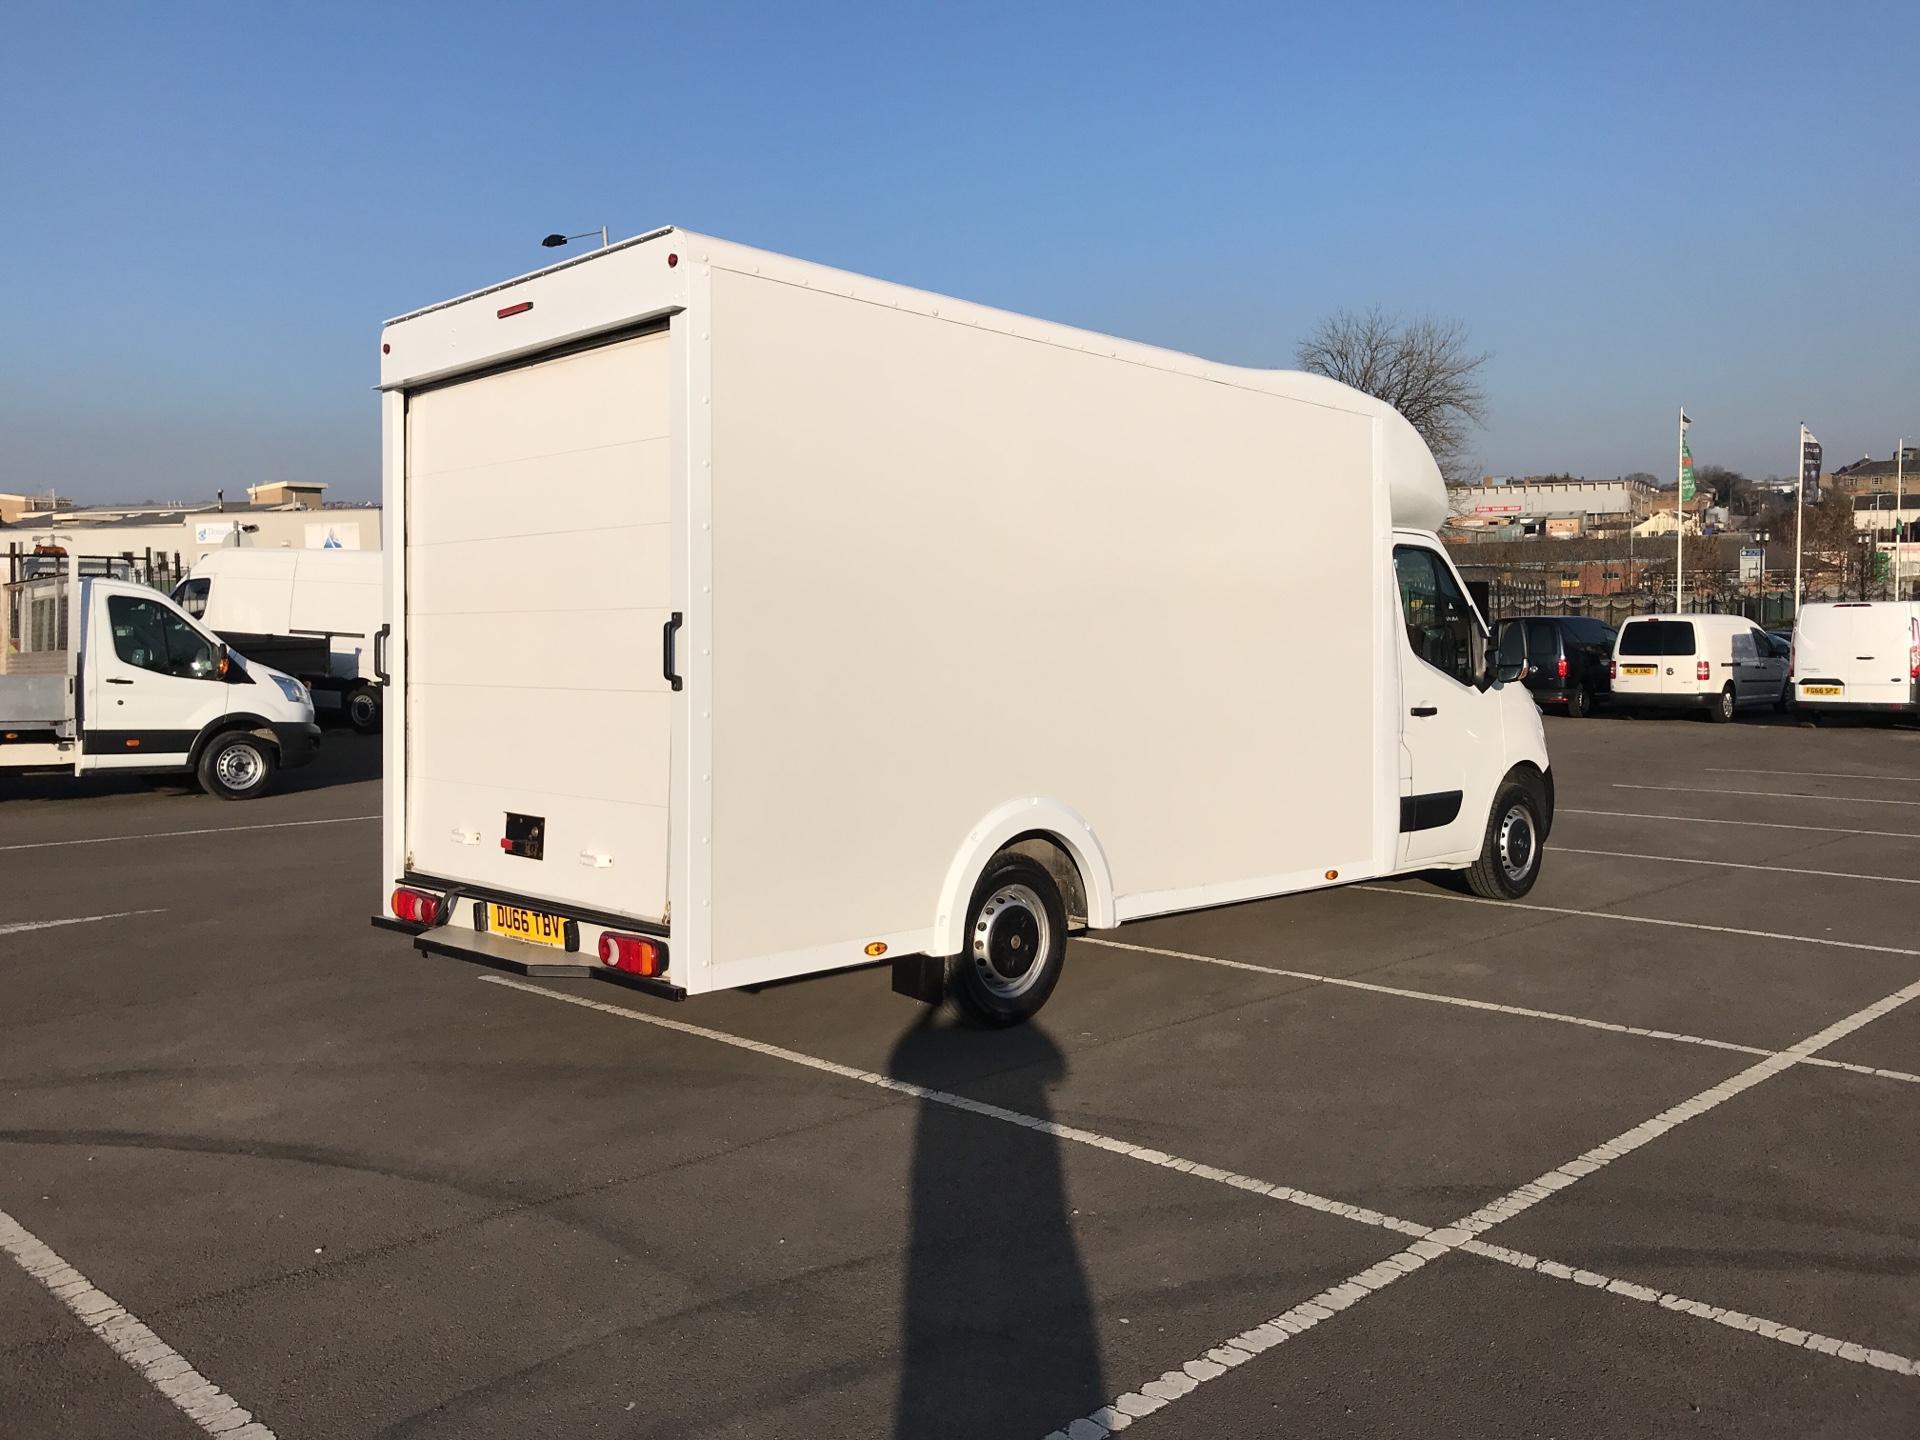 2016 Vauxhall Movano 2.3 Cdti LWB LO Loader Luton Box Van Euro 6  (DU66TBV) Image 3